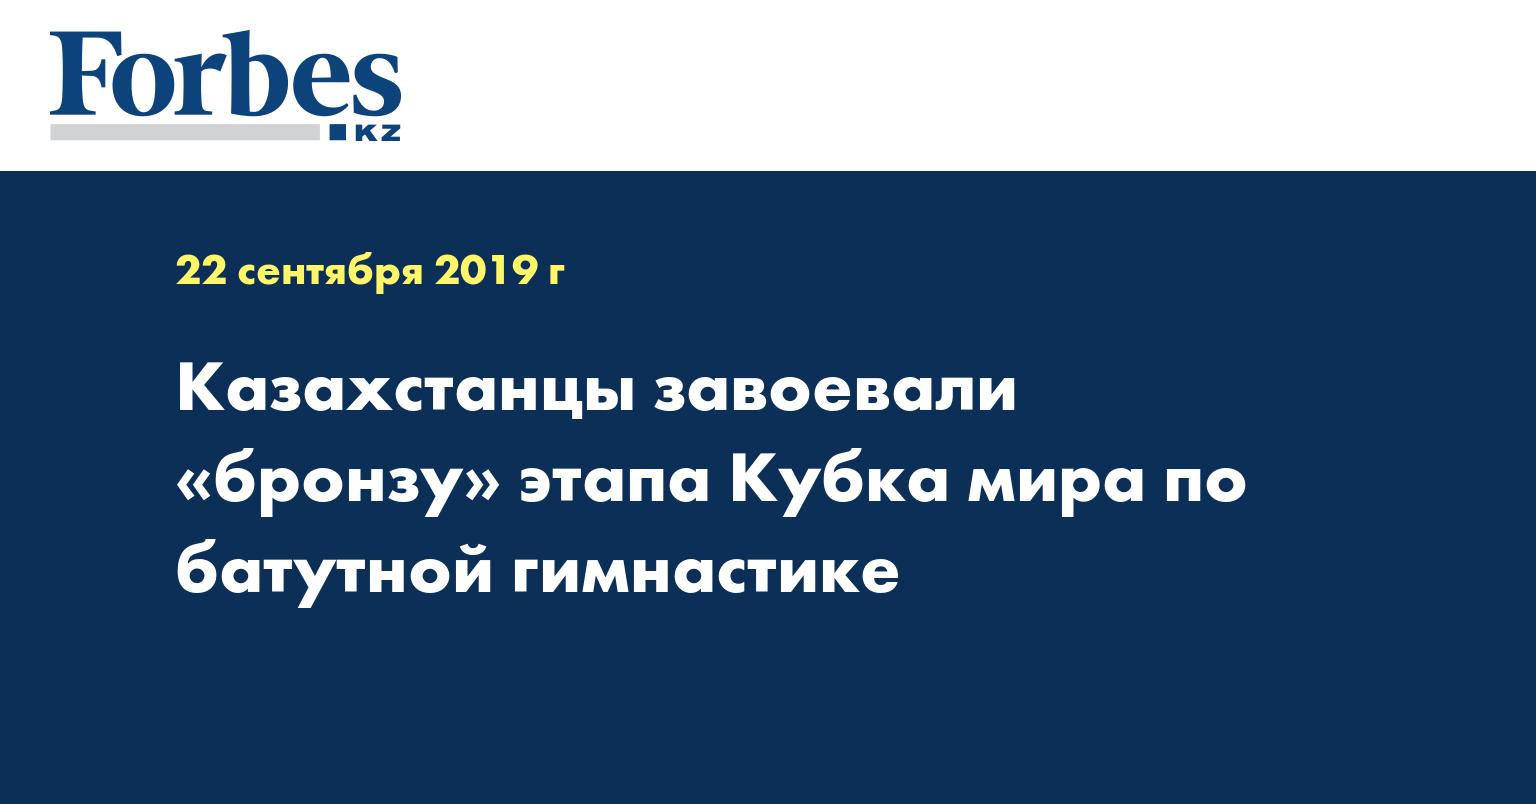 Казахстанцы завоевали «бронзу» этапа Кубка мира по батутной гимнастике